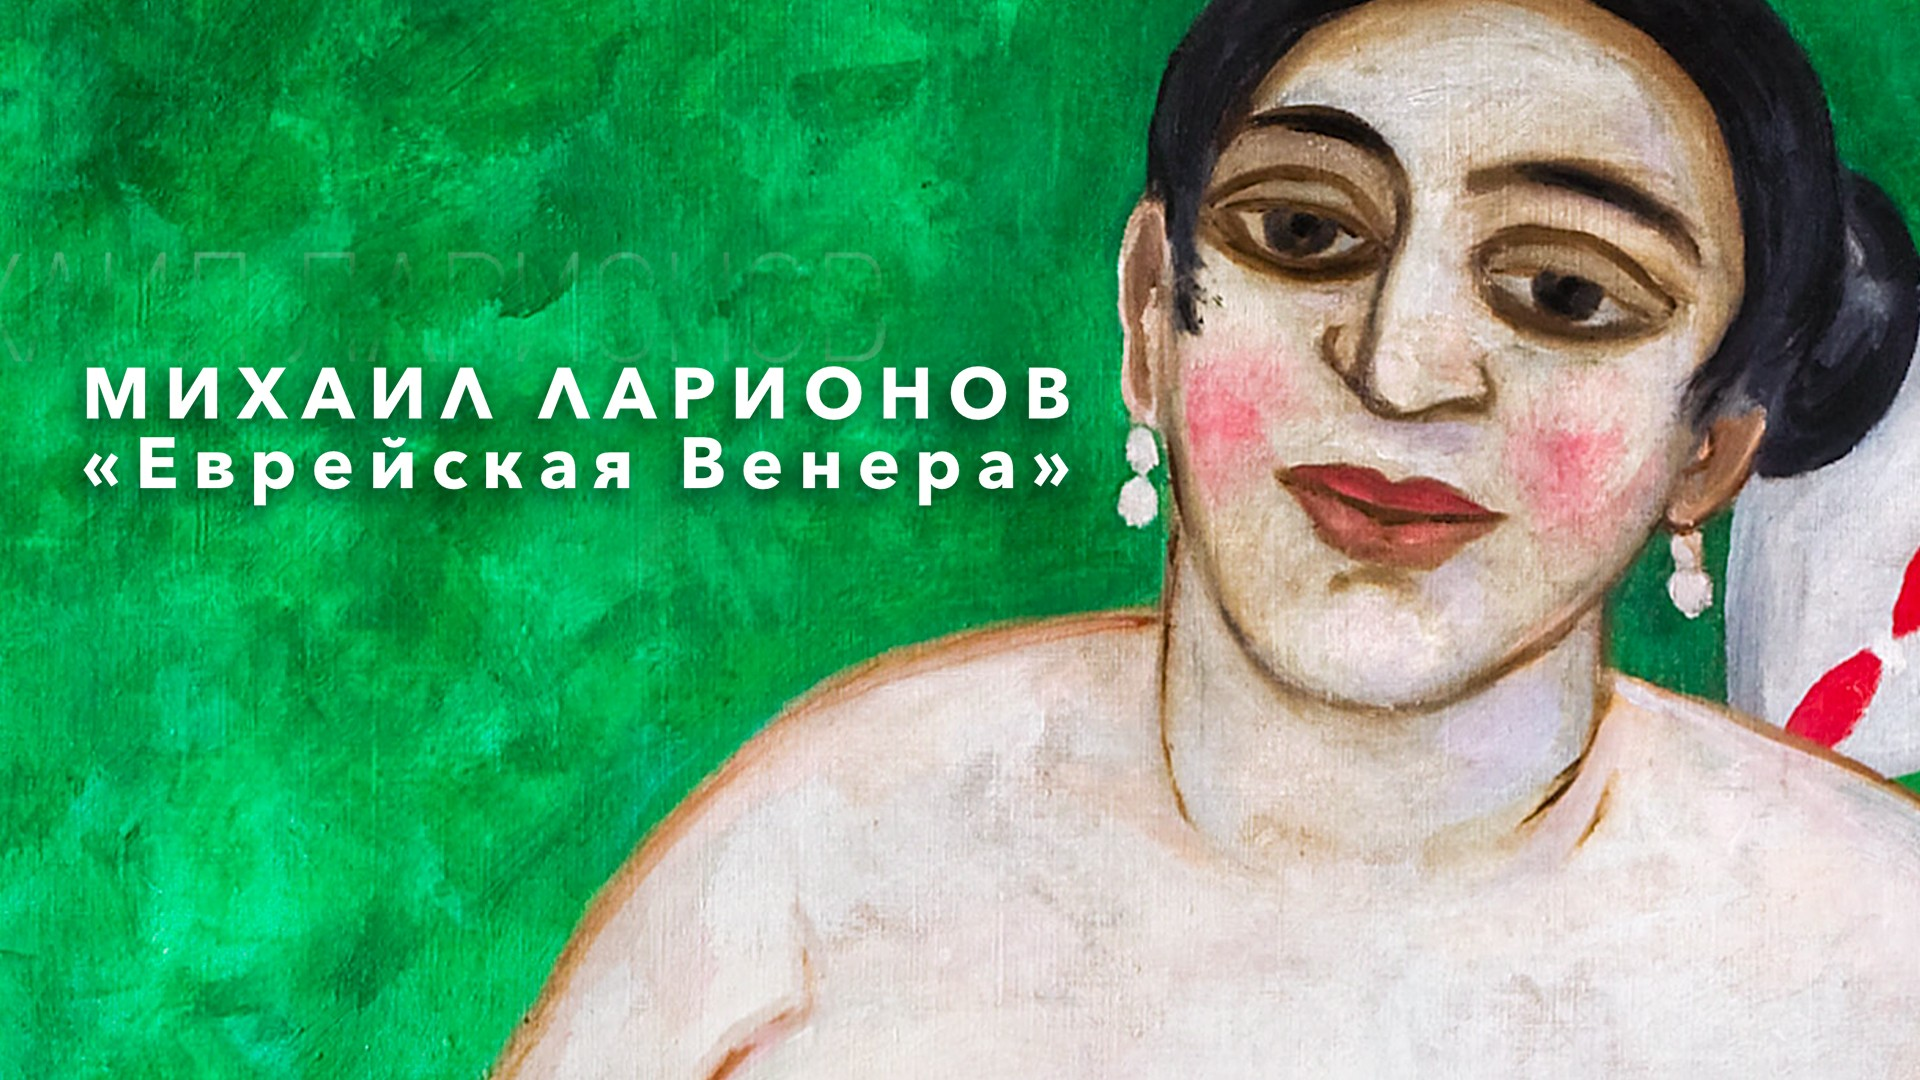 Михаил Ларионов «Еврейская Венера»